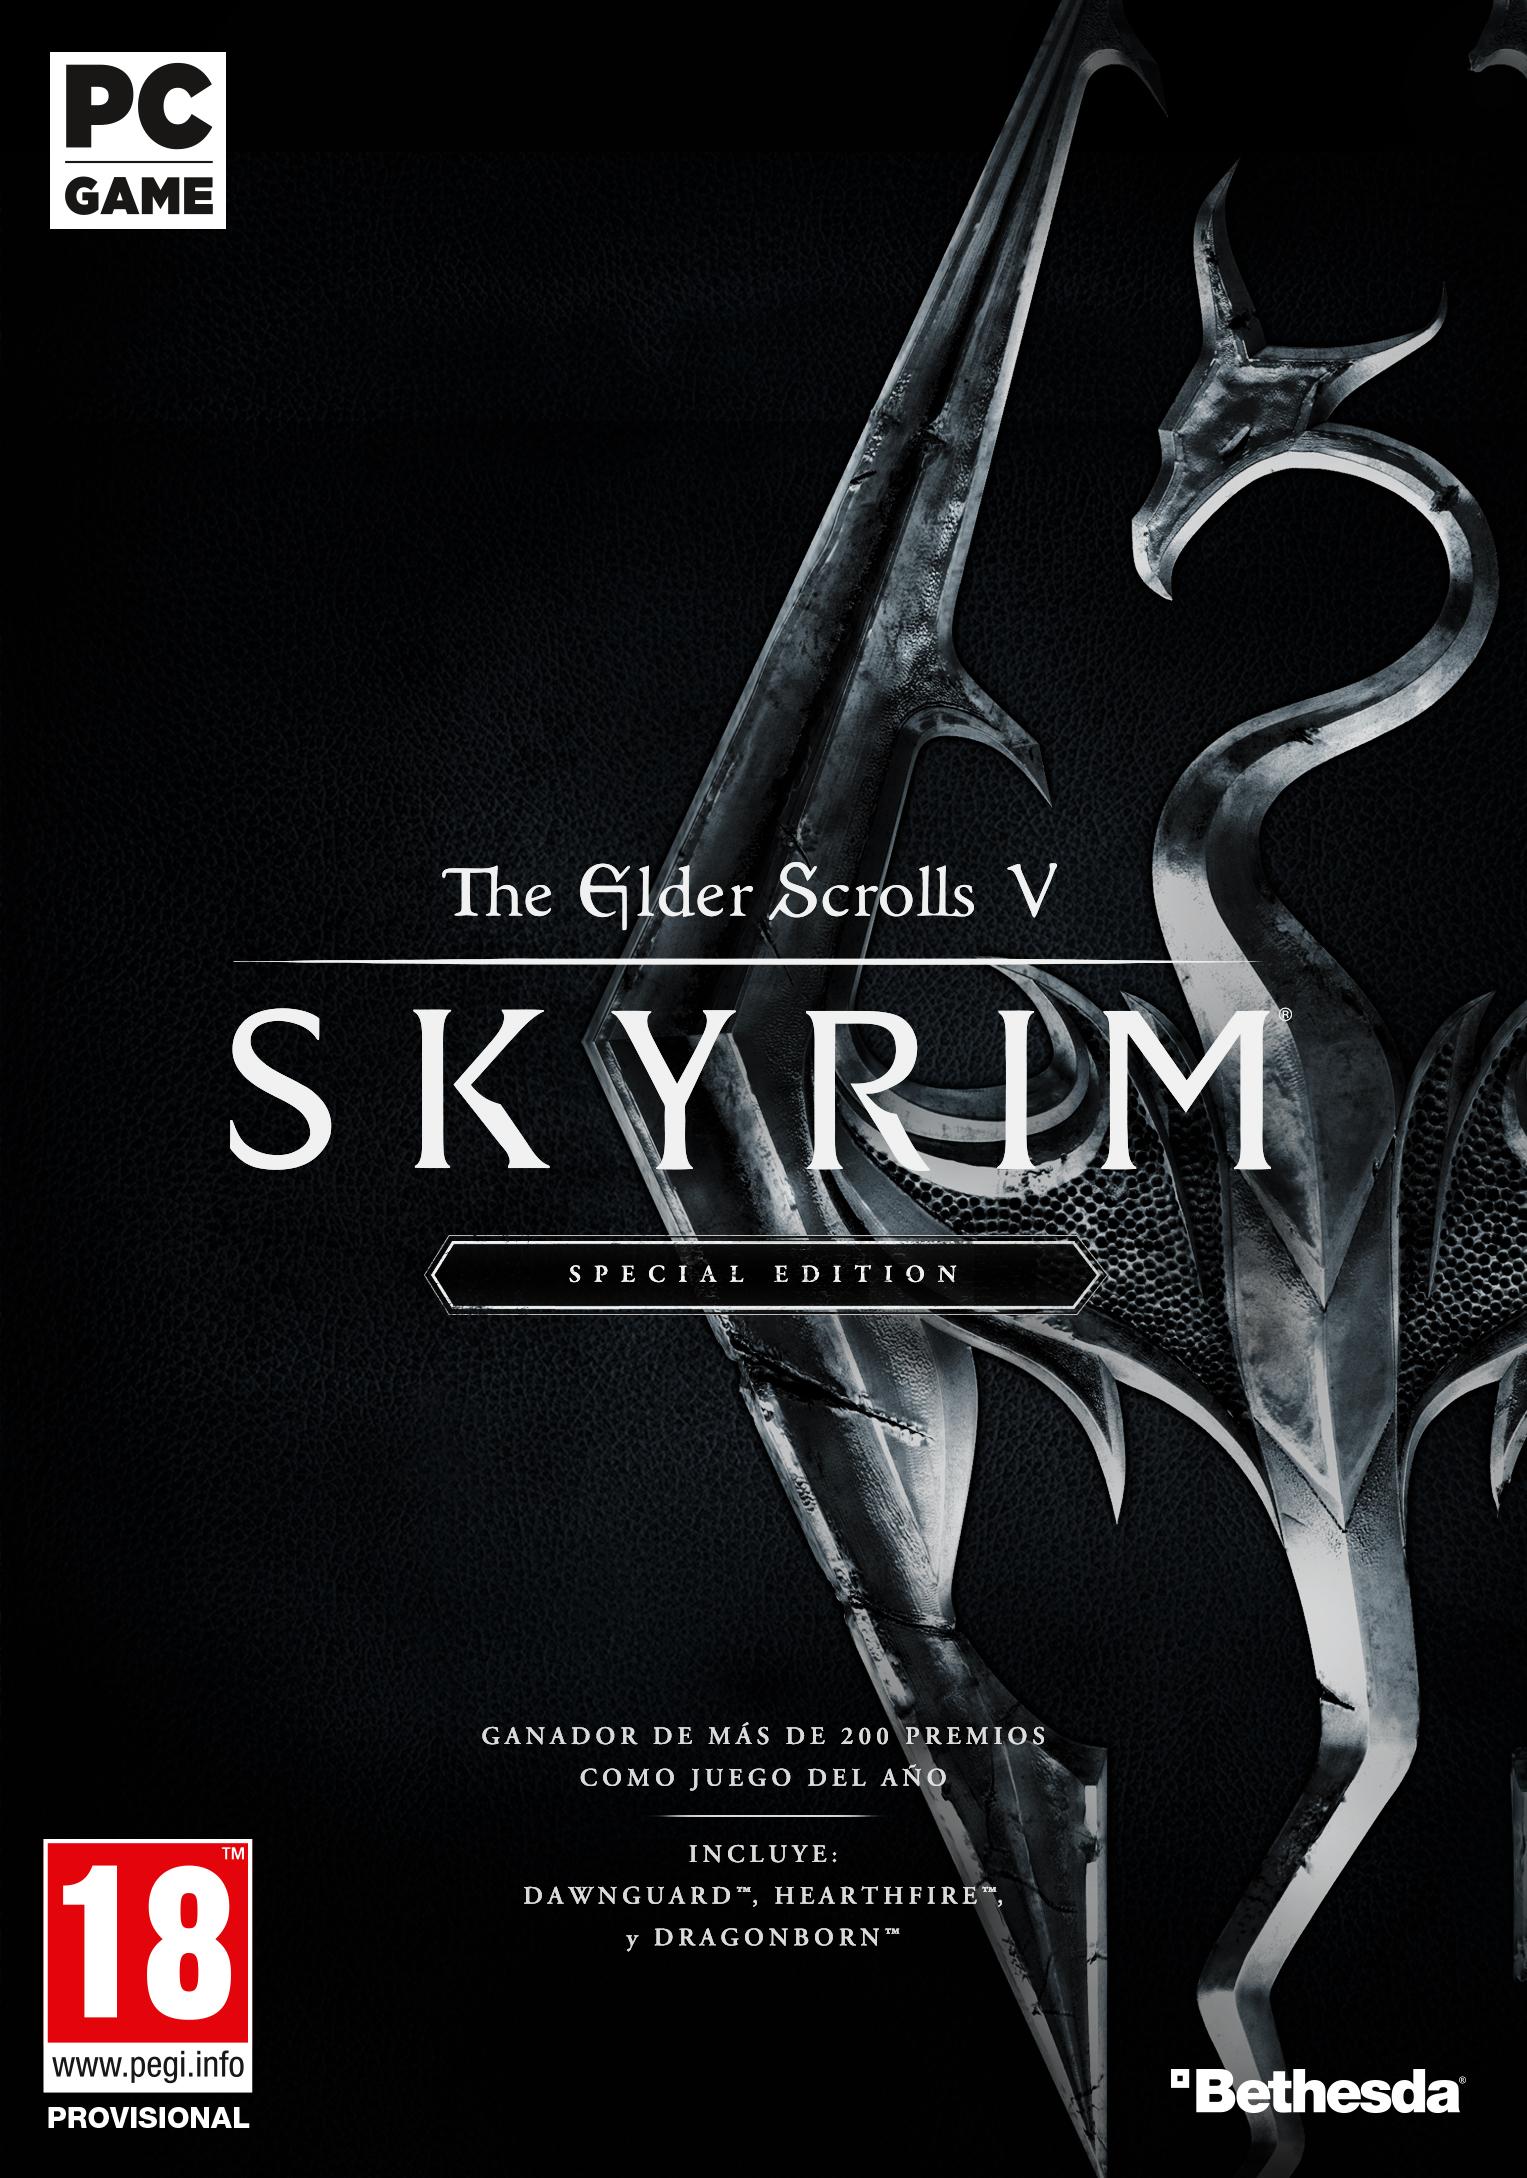 CuBaN VeRcEttI/Bethesda realiza una presentación sobre la saga The Elder Scrolls con motivo de The Elder Scrolls V: Skyrim Special Edition